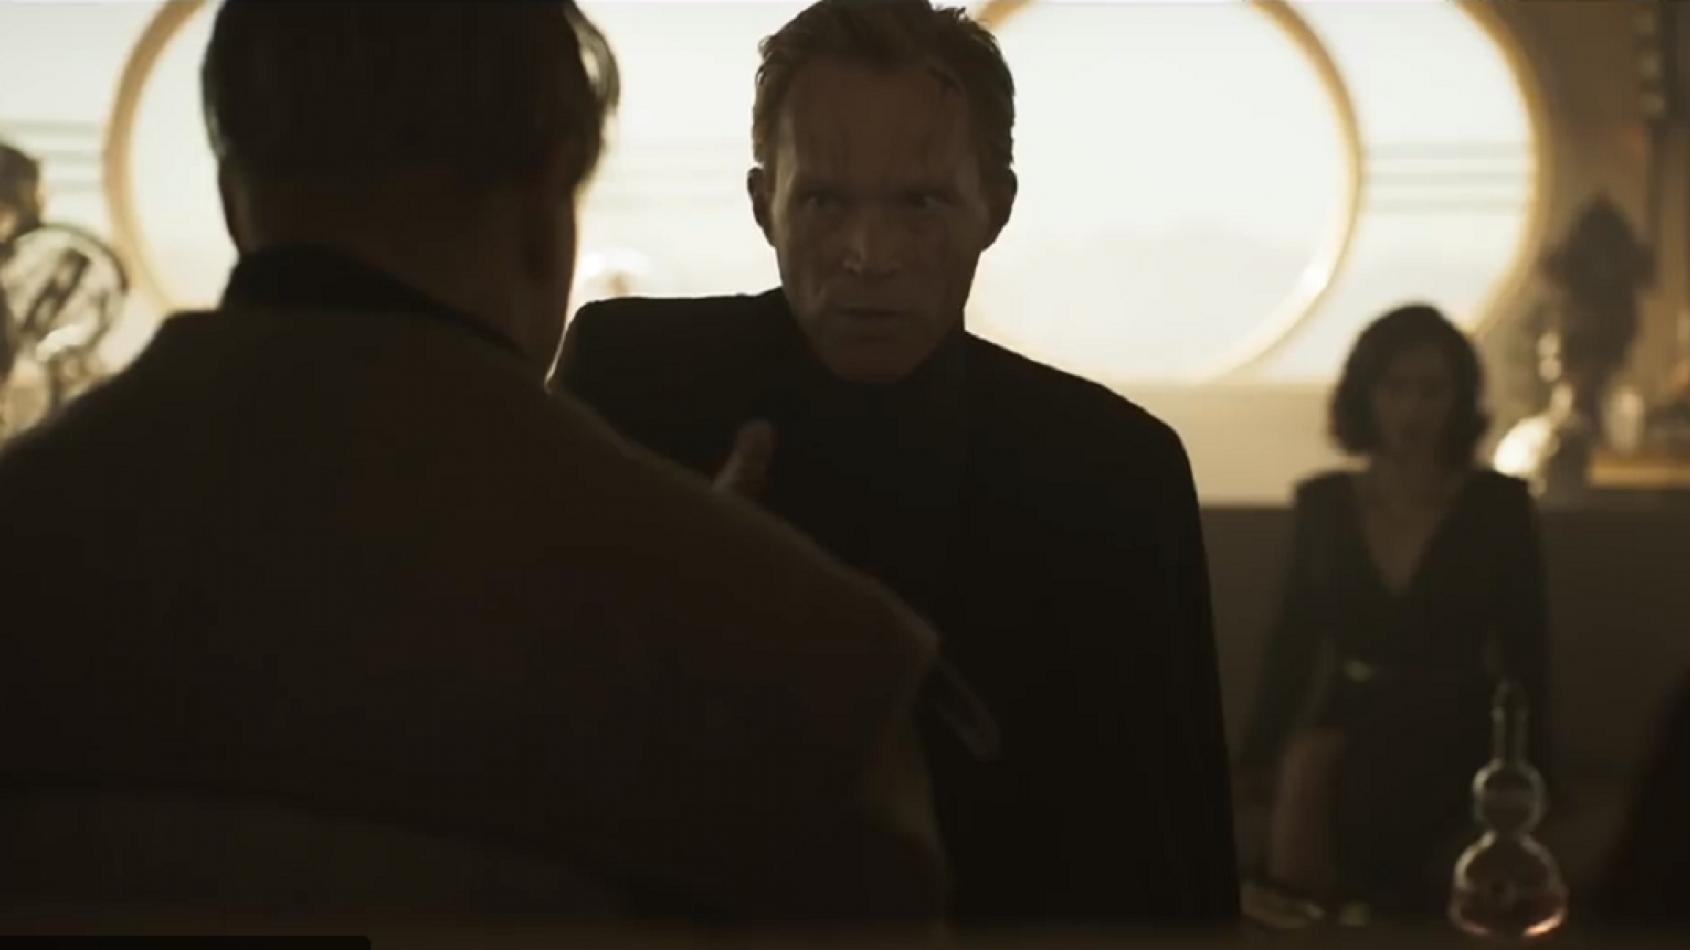 Nouveaux plans pour Solo A Star Wars Story dans un trailer allemand